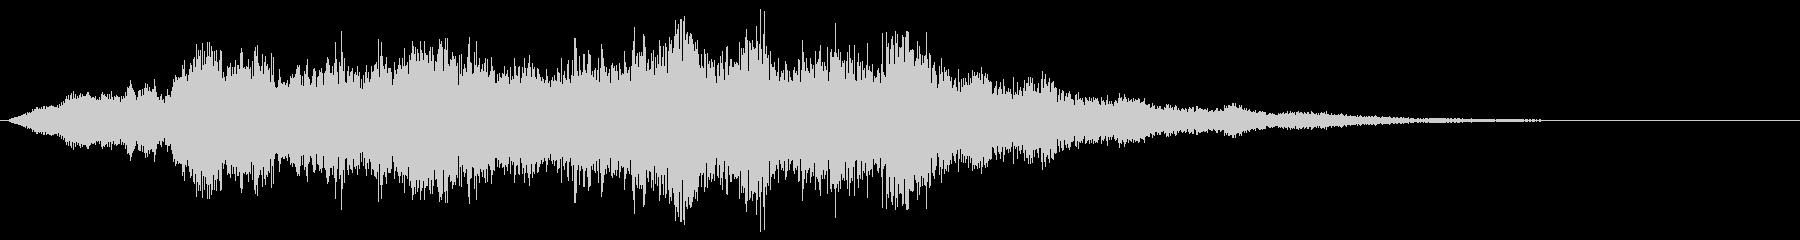 ホラー音 恐怖の演出 低音バージョンの未再生の波形